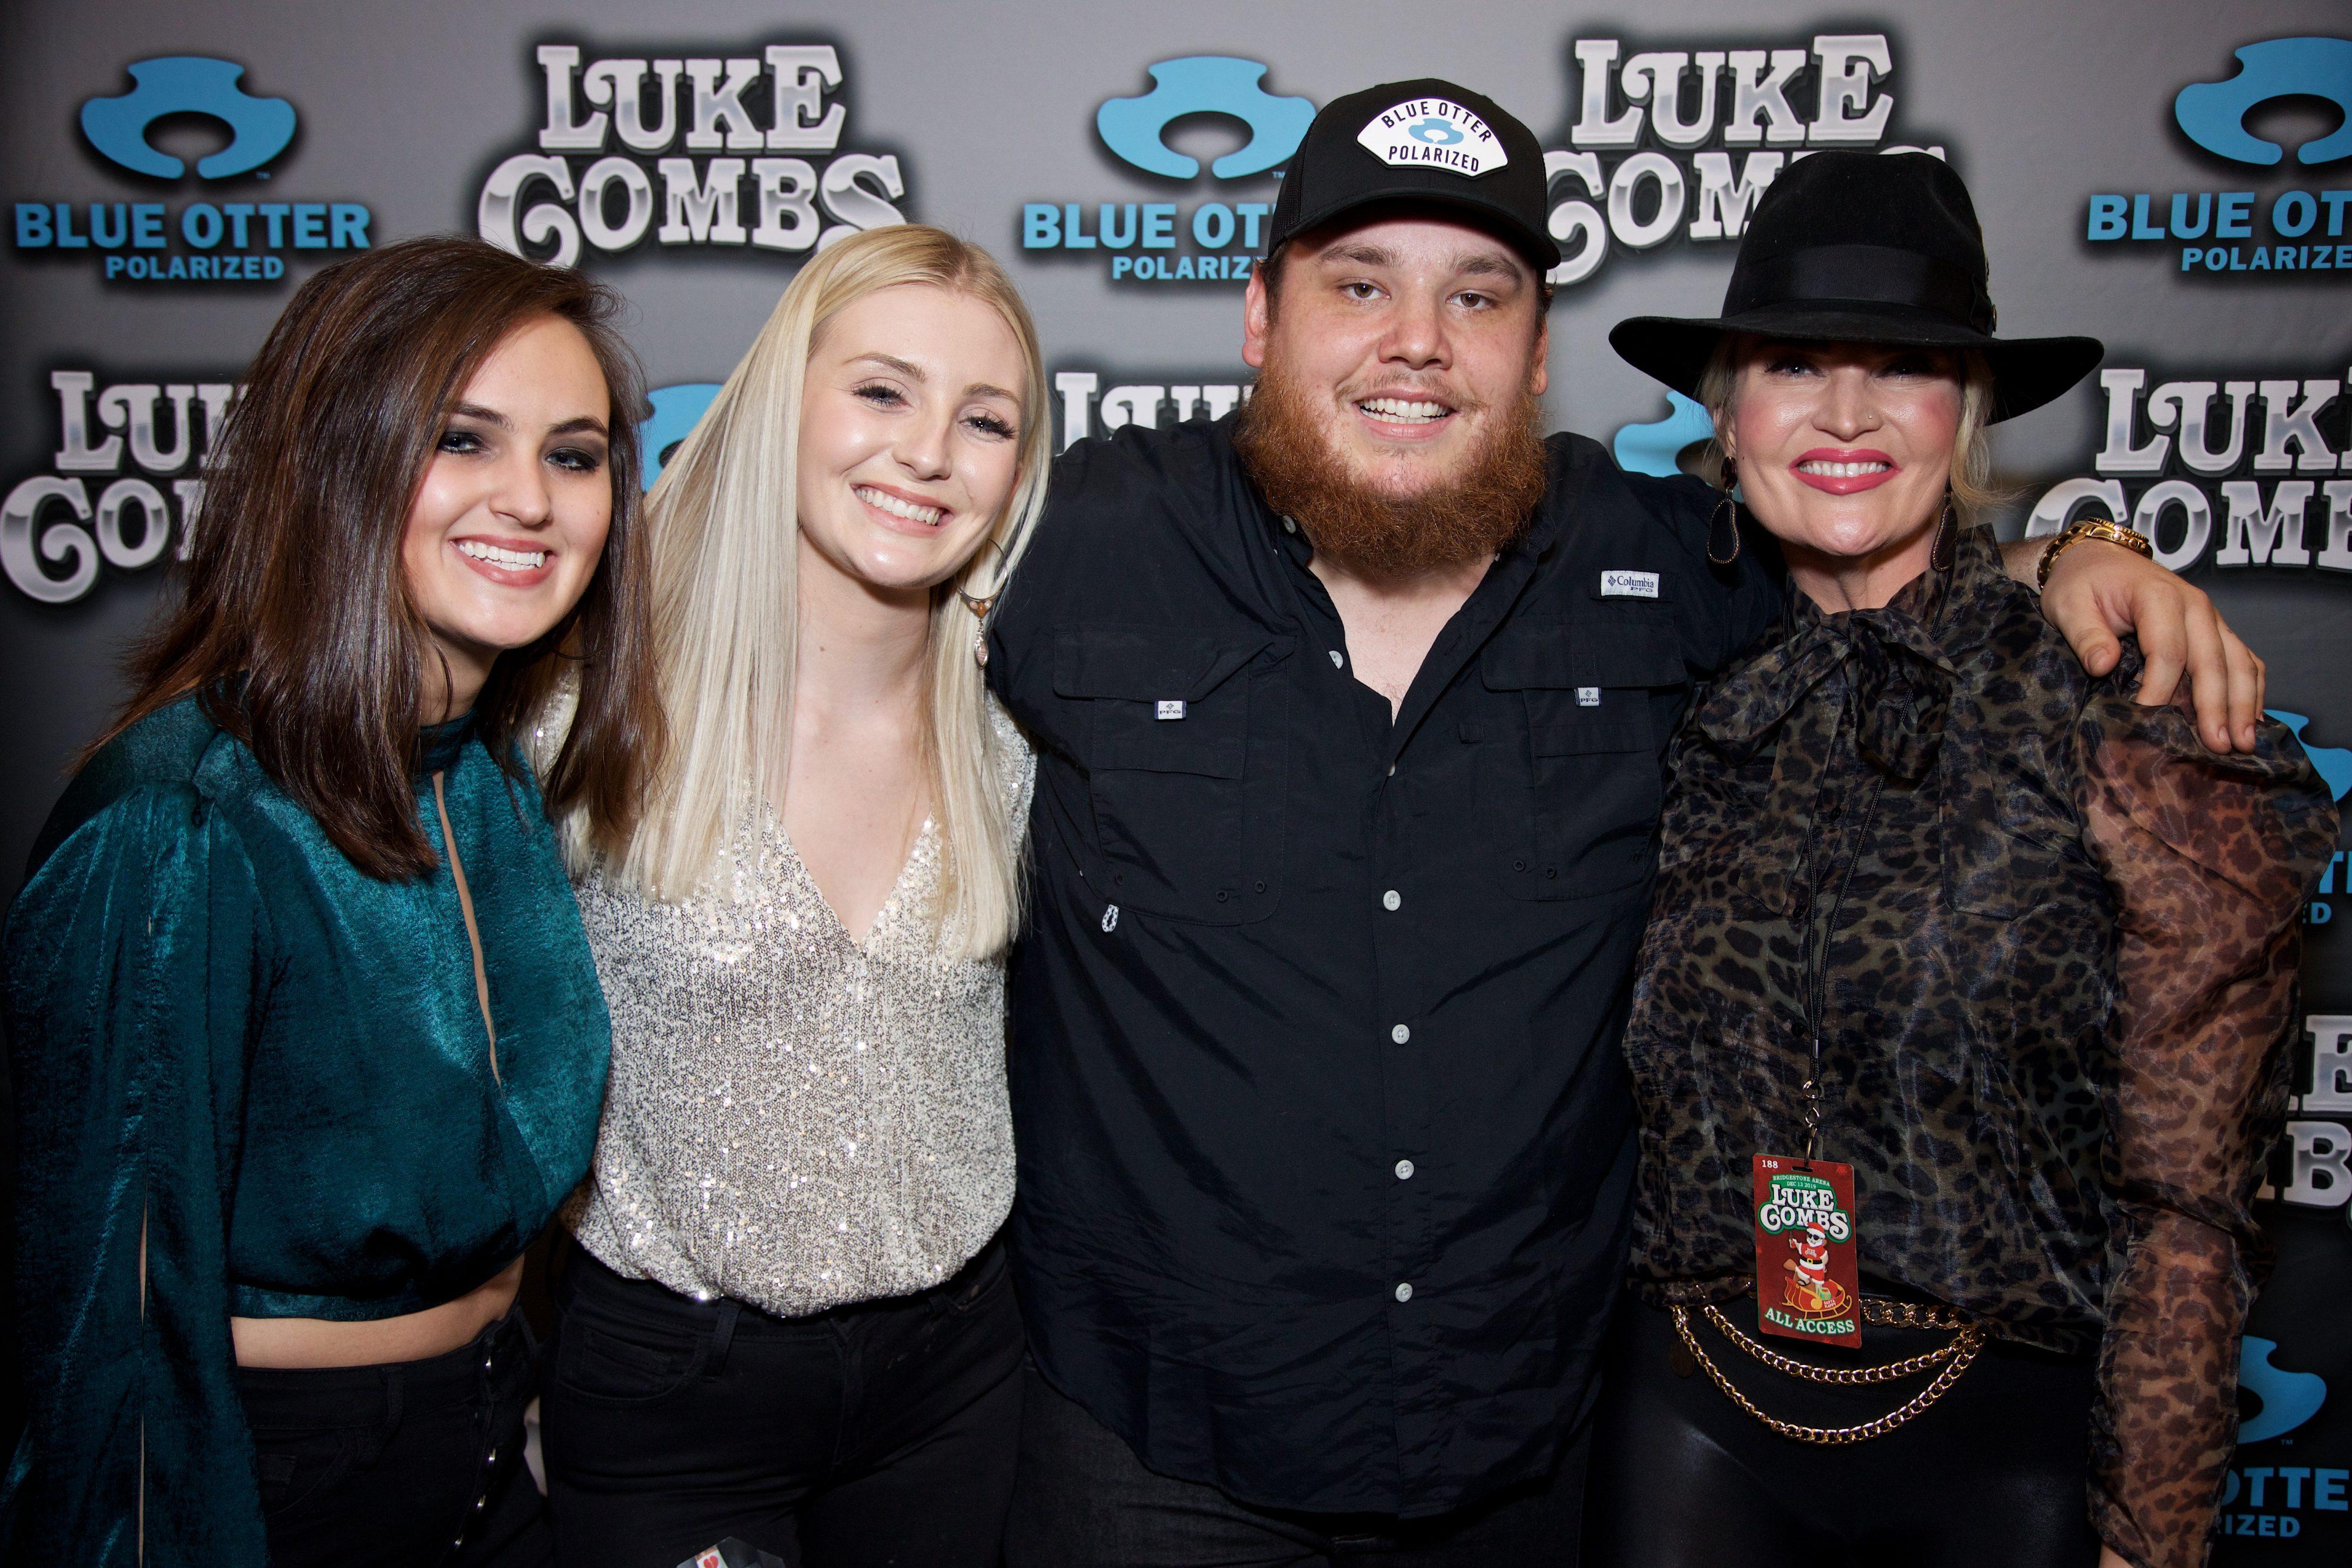 20191213_Luke_Combs_Nashville_0412